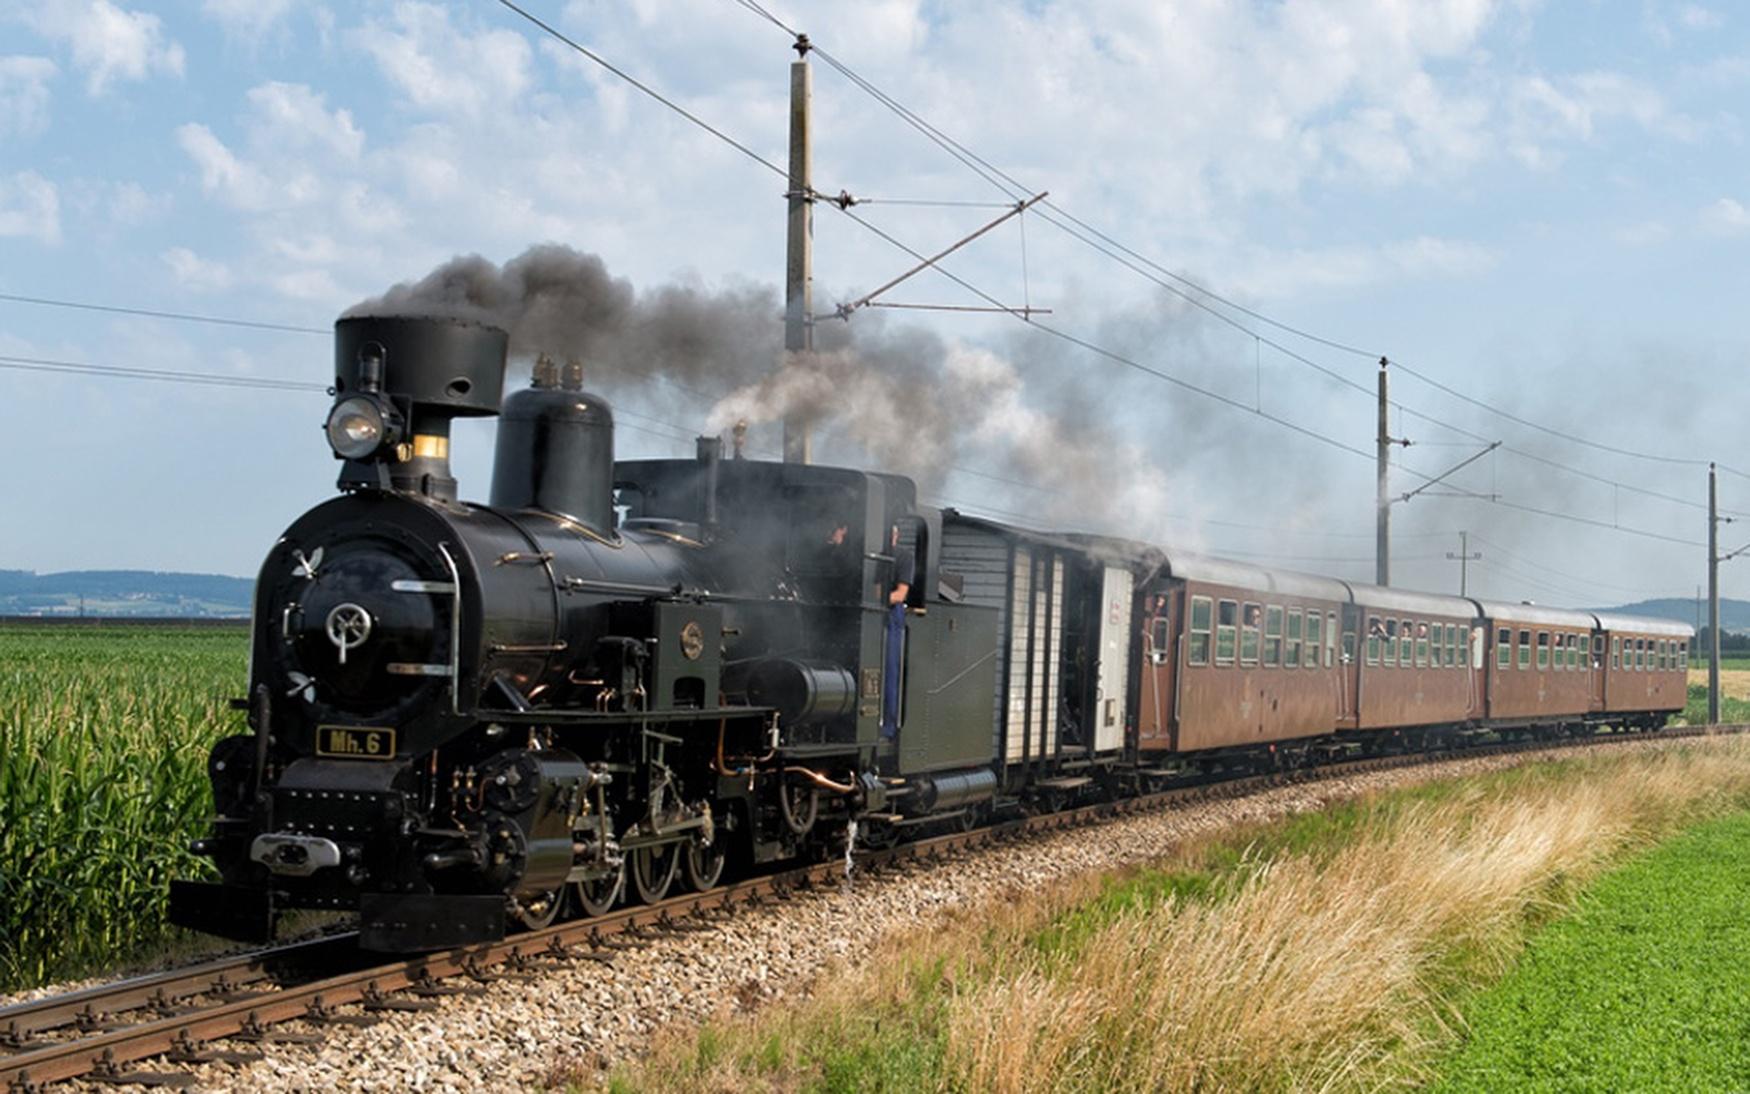 Nostalgie Volldampf bahnreisen Zugreisen Dampfzug Nostalgiezug Wiener Eisenbahn